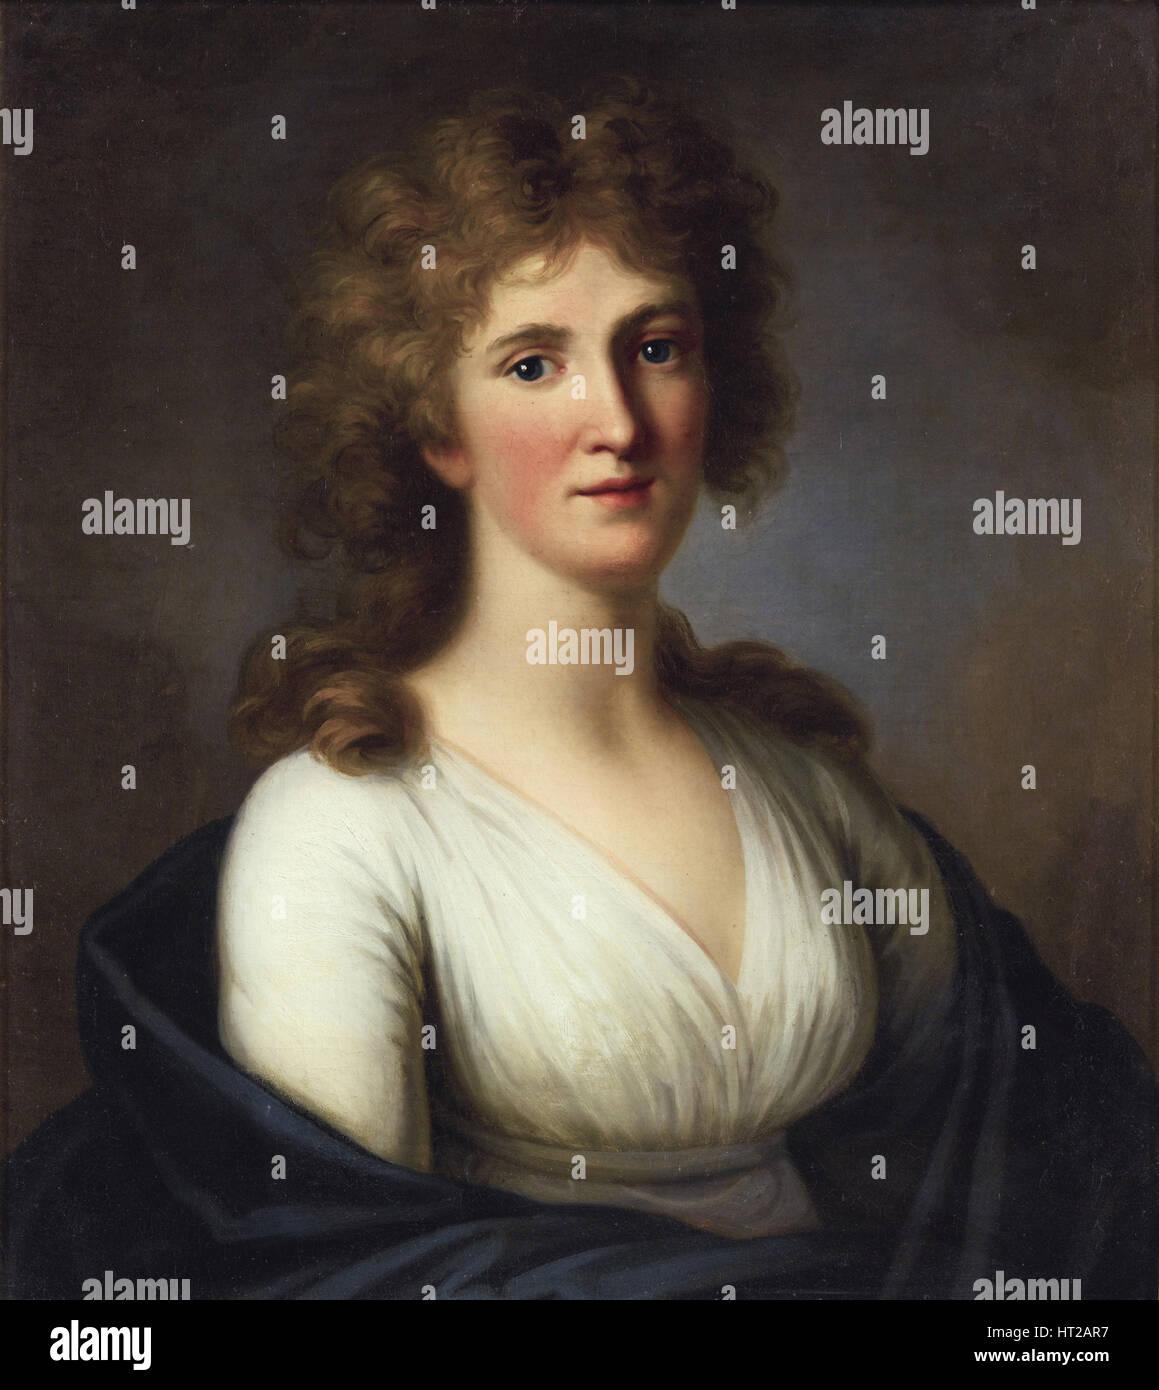 Portrait of Sara Anna von Miltitz (1774-1819). Artist: Tischbein, Johann Friedrich August (1750-1812) - Stock Image